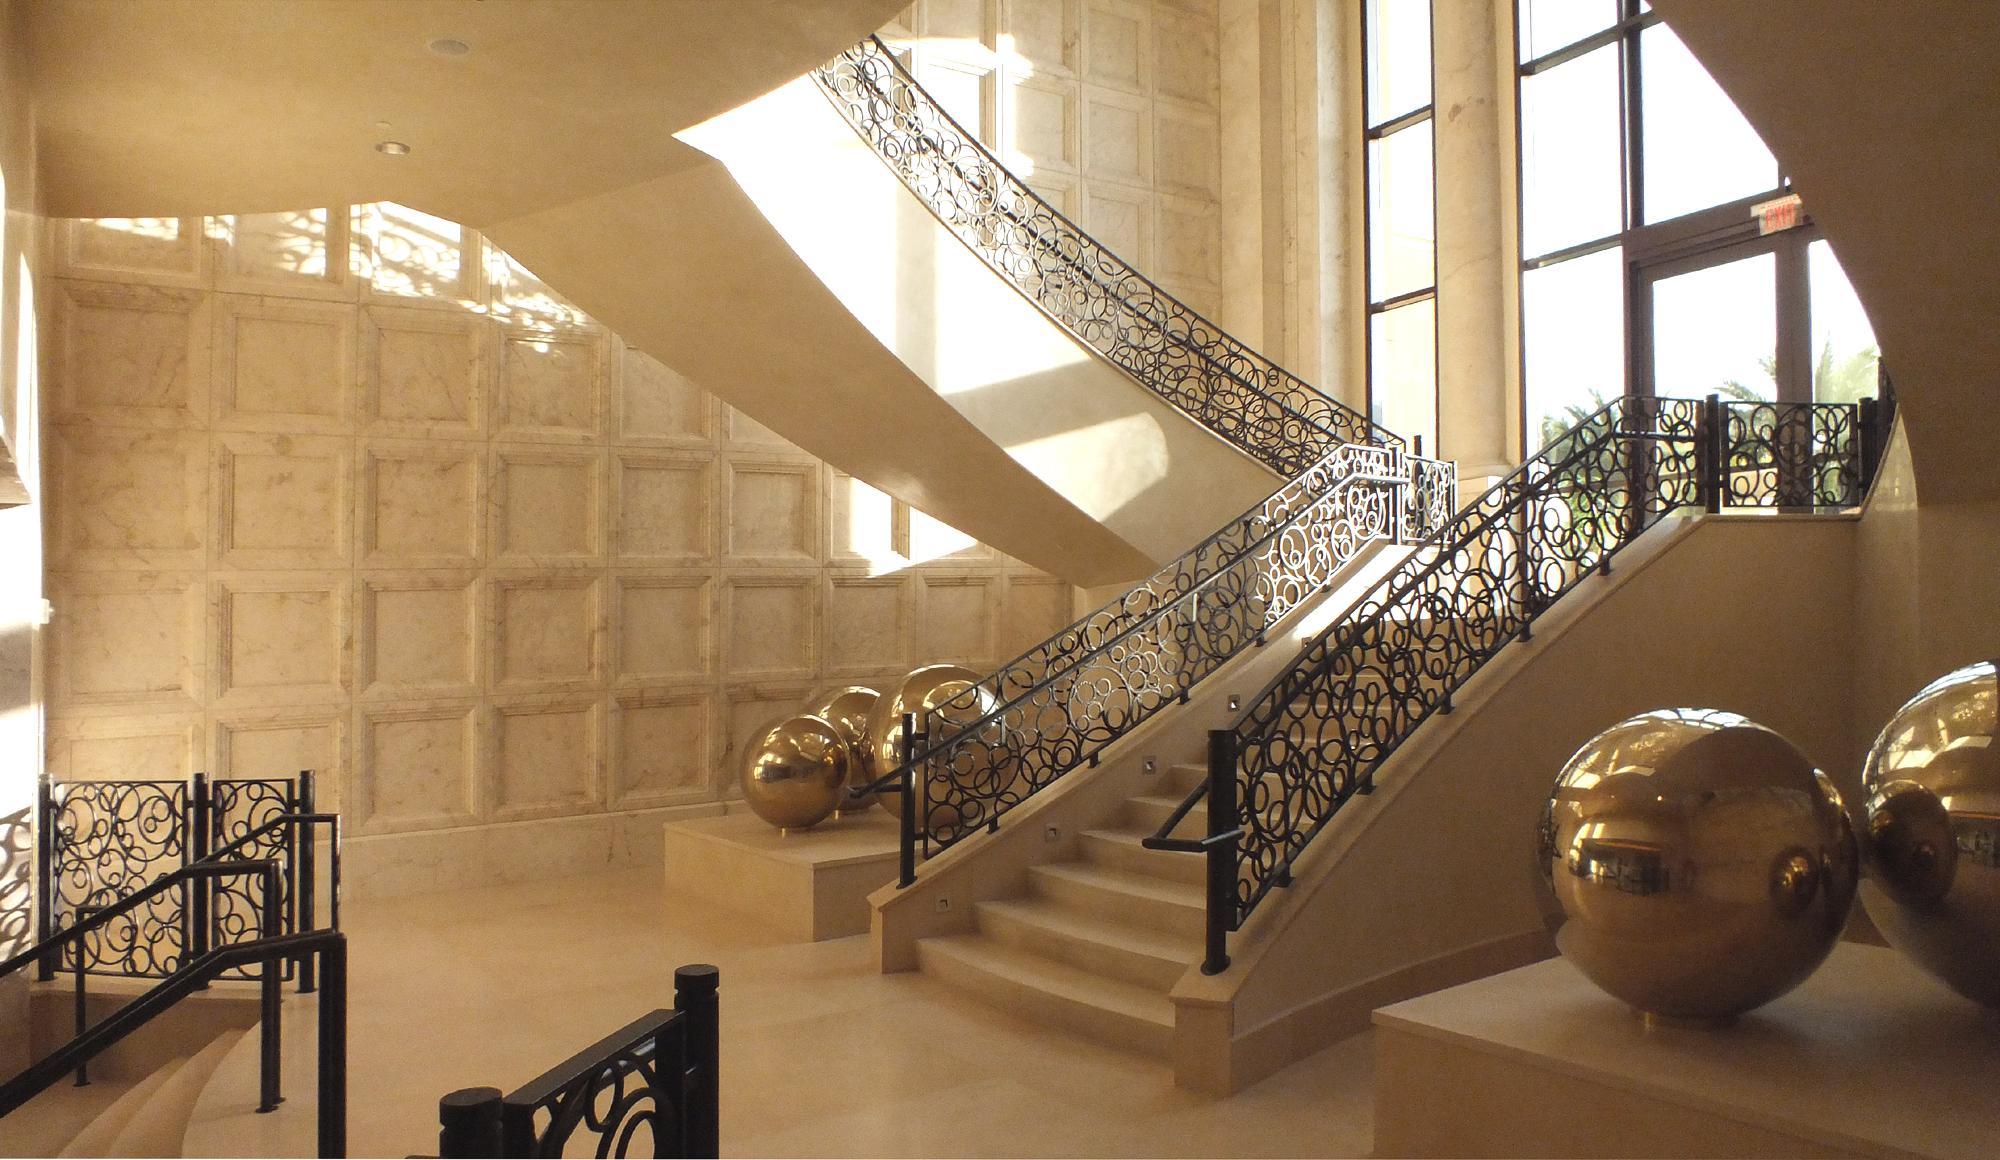 12_2000x1160_stairs from below_DSCF0771.jpg